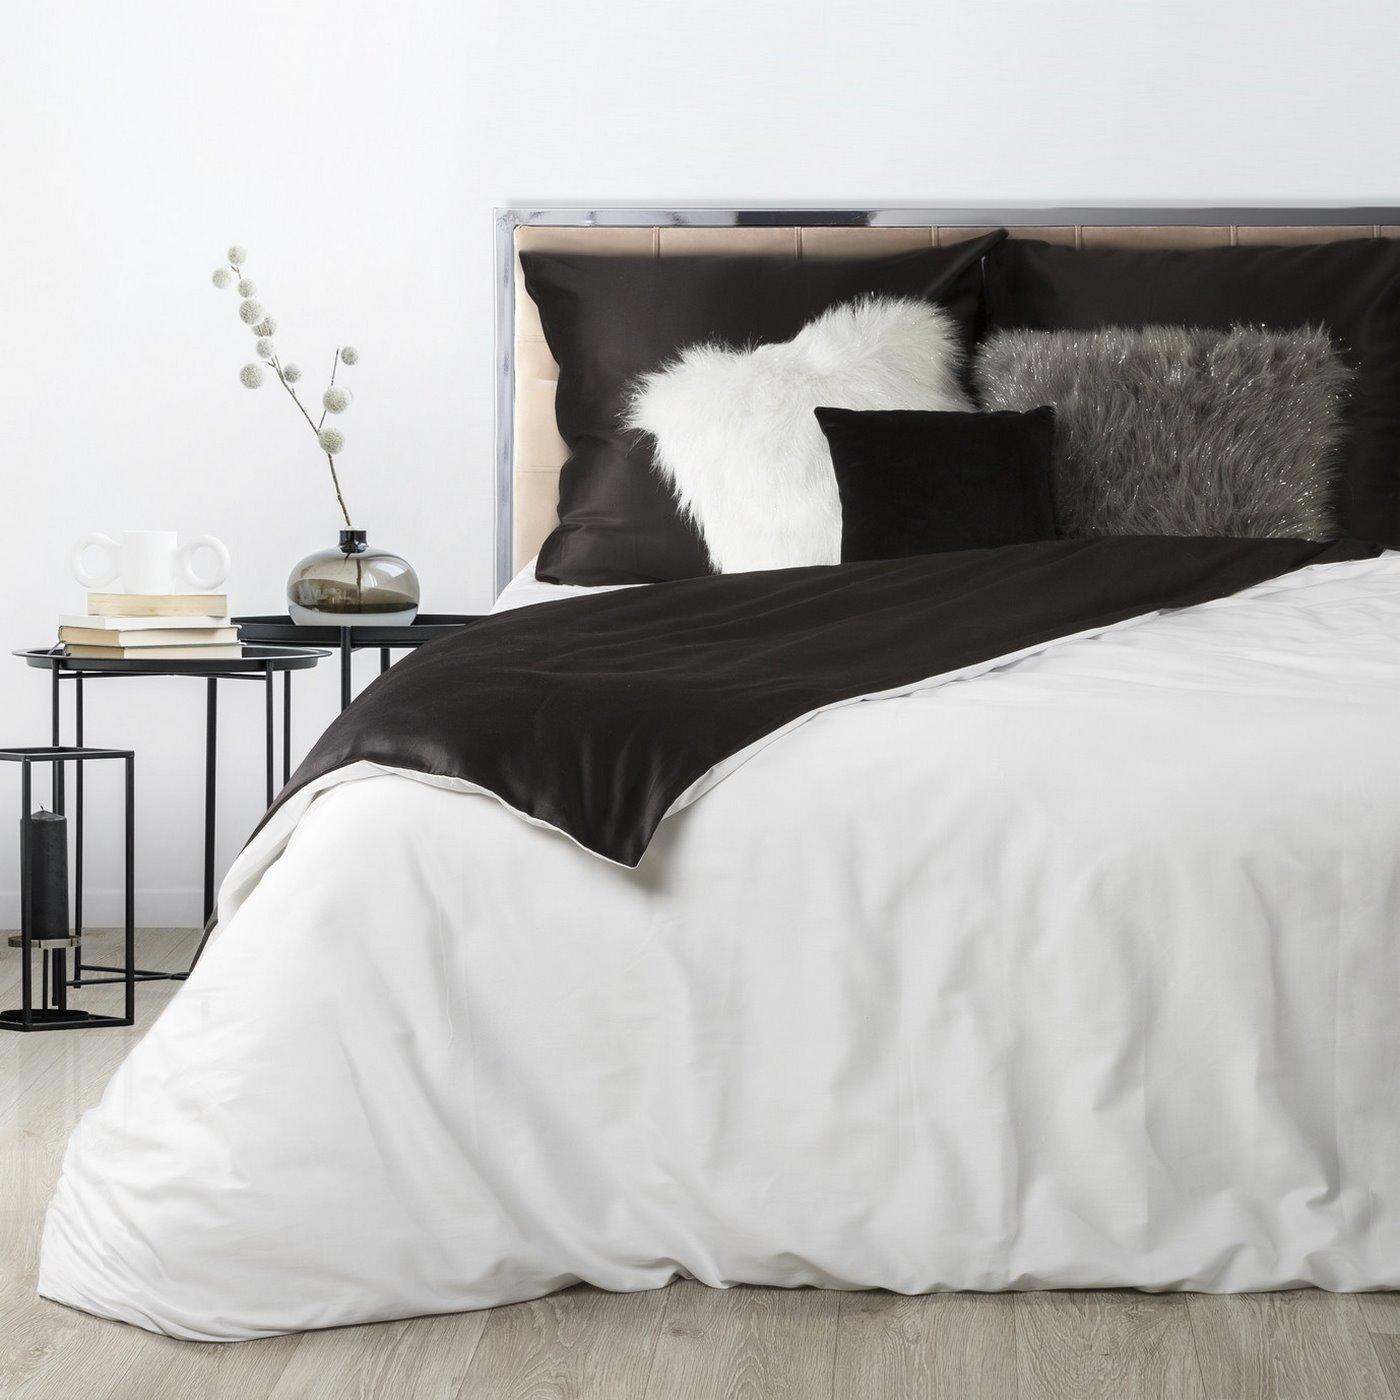 Komplet pościeli z makosatyny bawełnianej 180 x 200 cm, 2szt. 70 x 80 cm, biało czarna